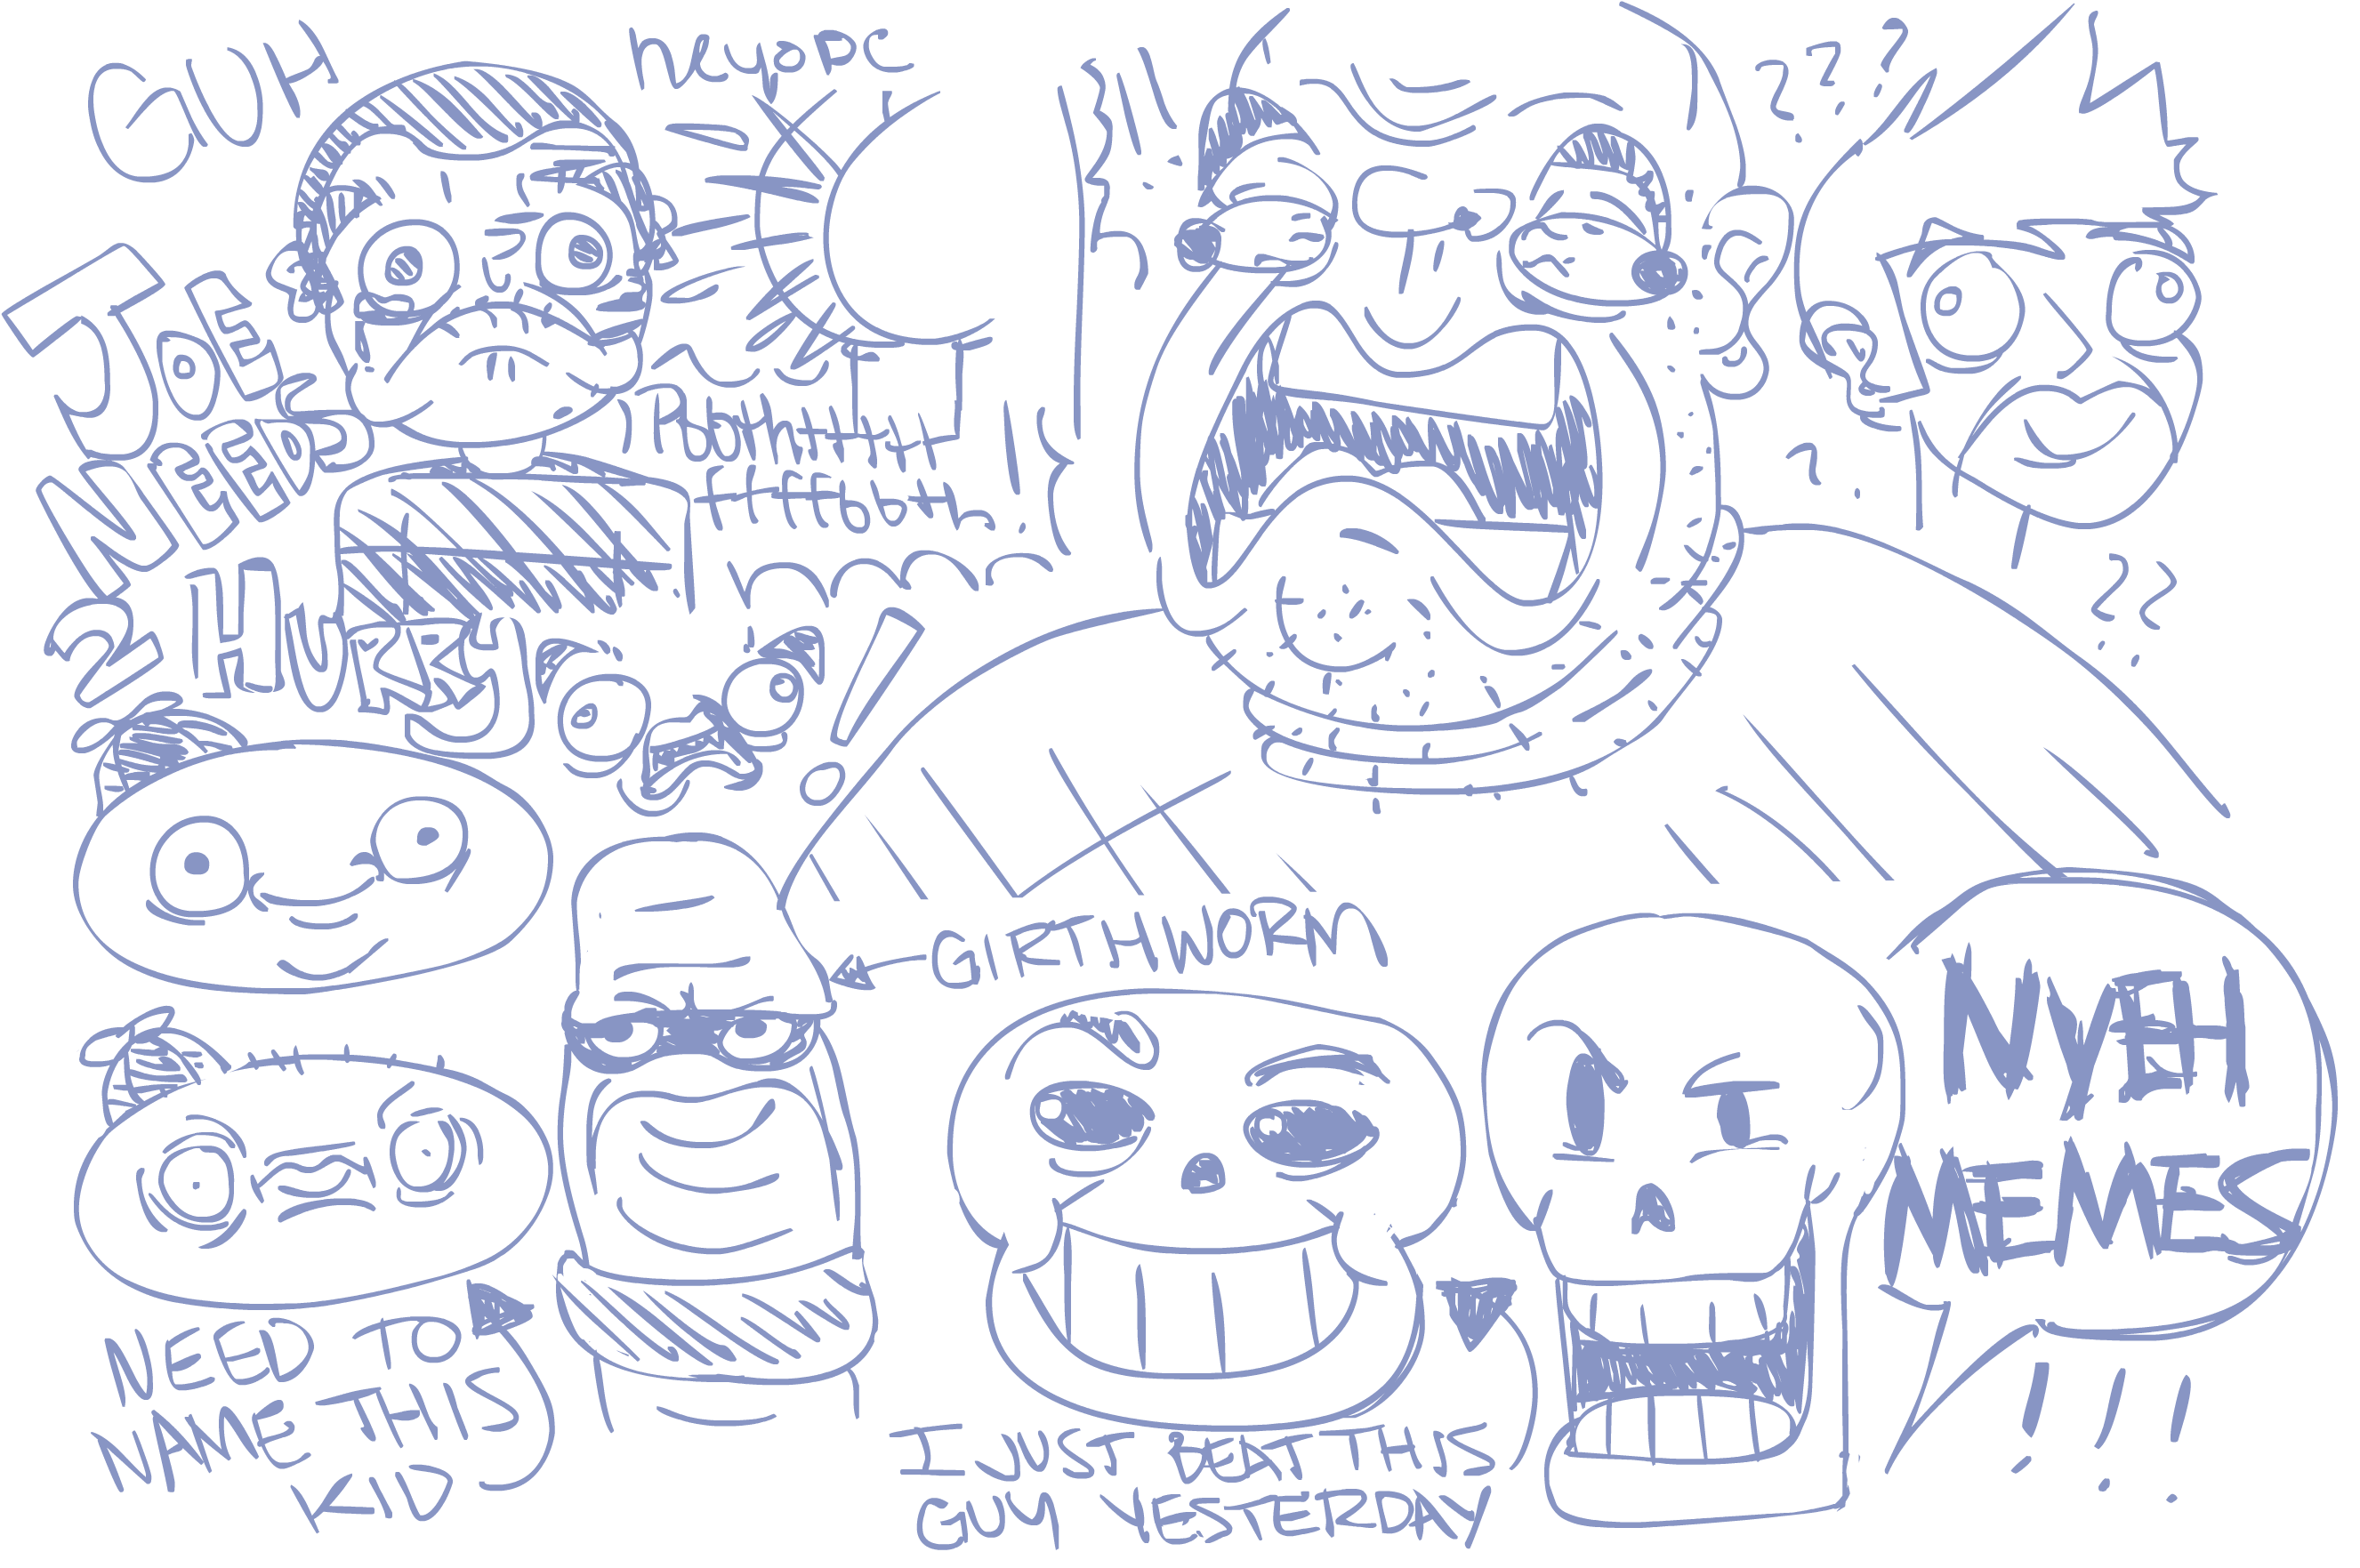 Dumb Doodles 2.1.16